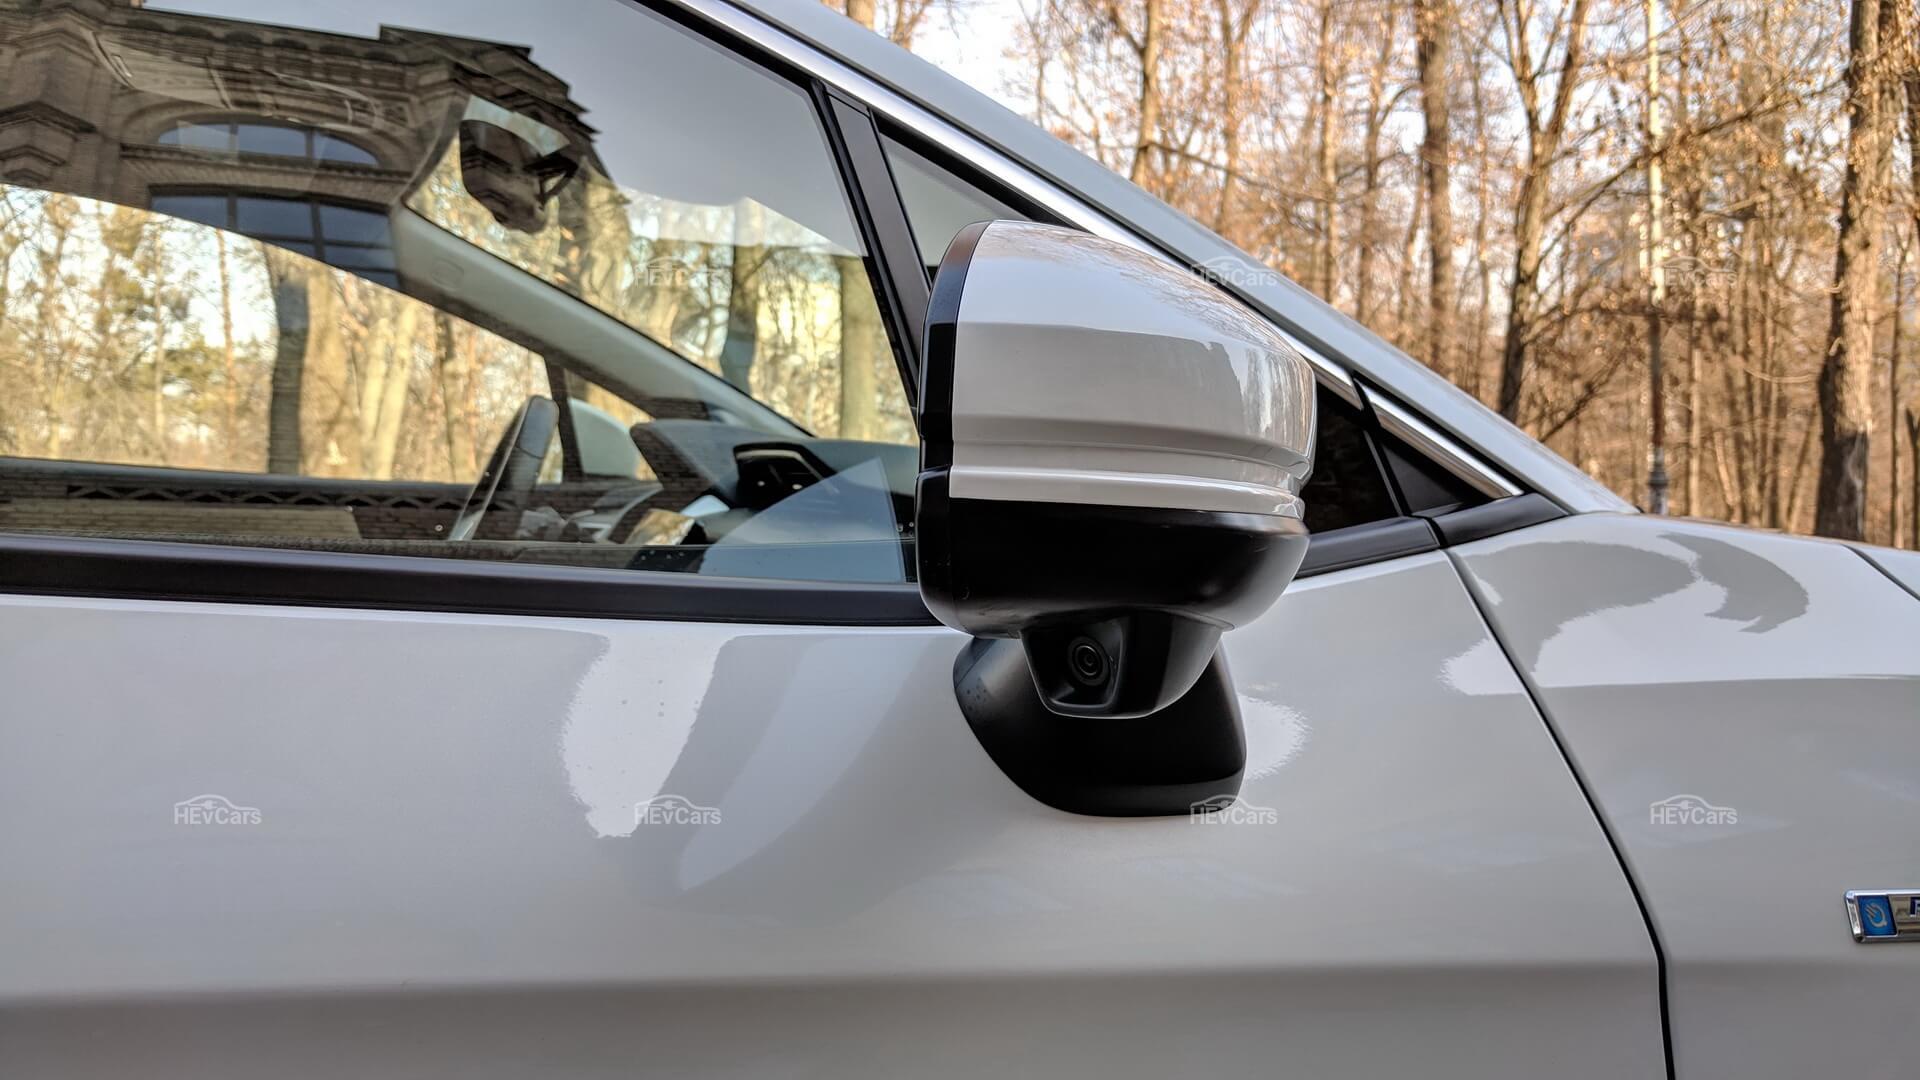 Honda Clarity Plug-in Hybrid использует камеру, расположенную под правым наружным зеркалом, для отображения проезжей части на сенсорном экране